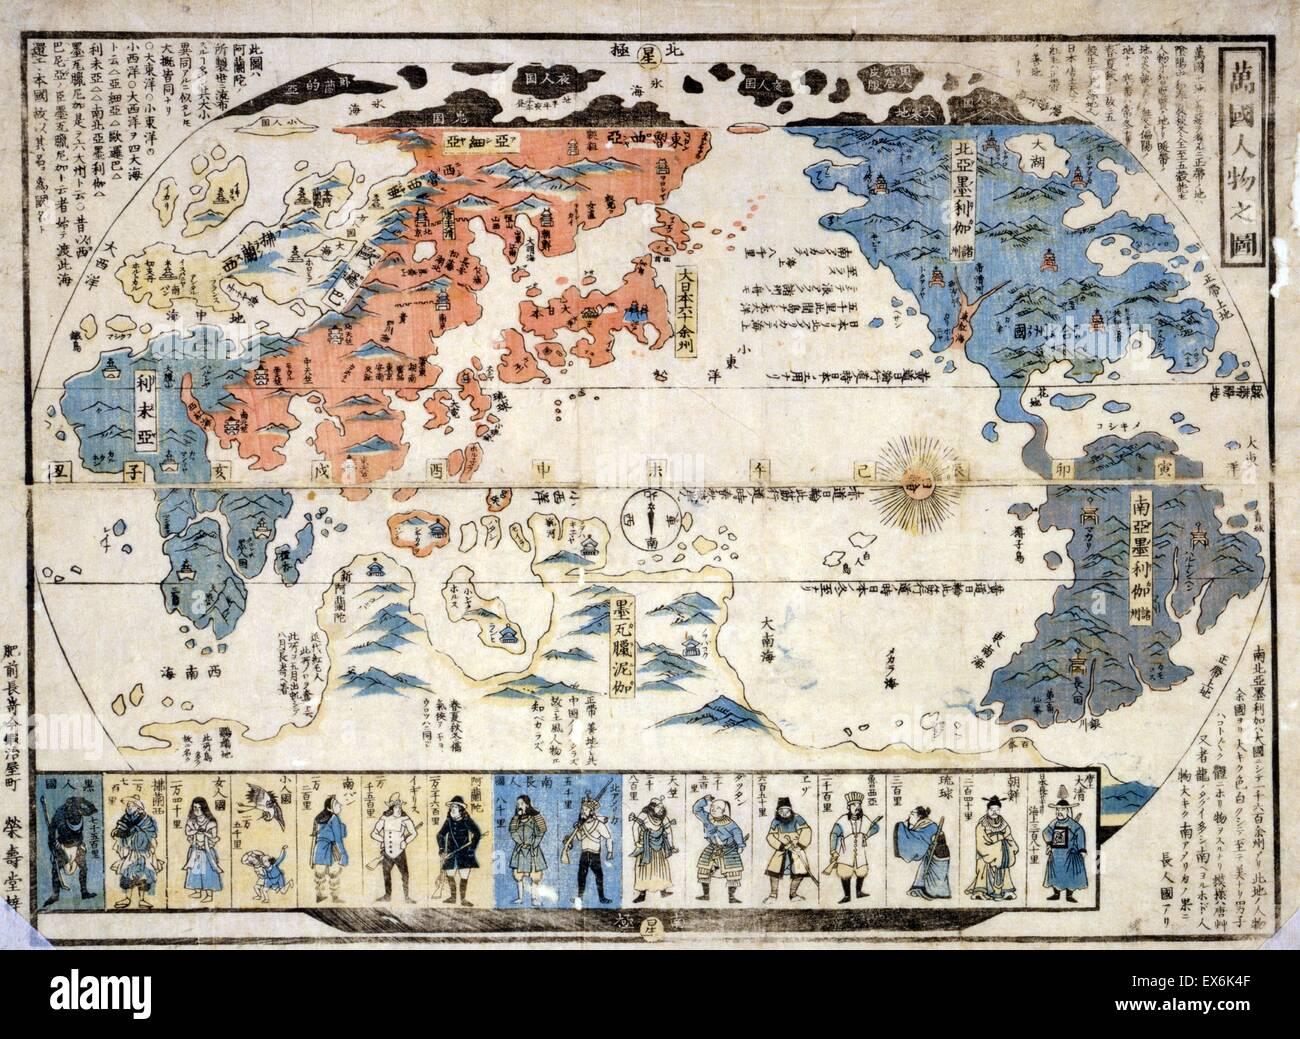 Japanische Diptychon Farbe drucken zeigt eine Weltkarte mit eingeblendeten Bilder von fremden Menschen. Vom Jahre Stockbild